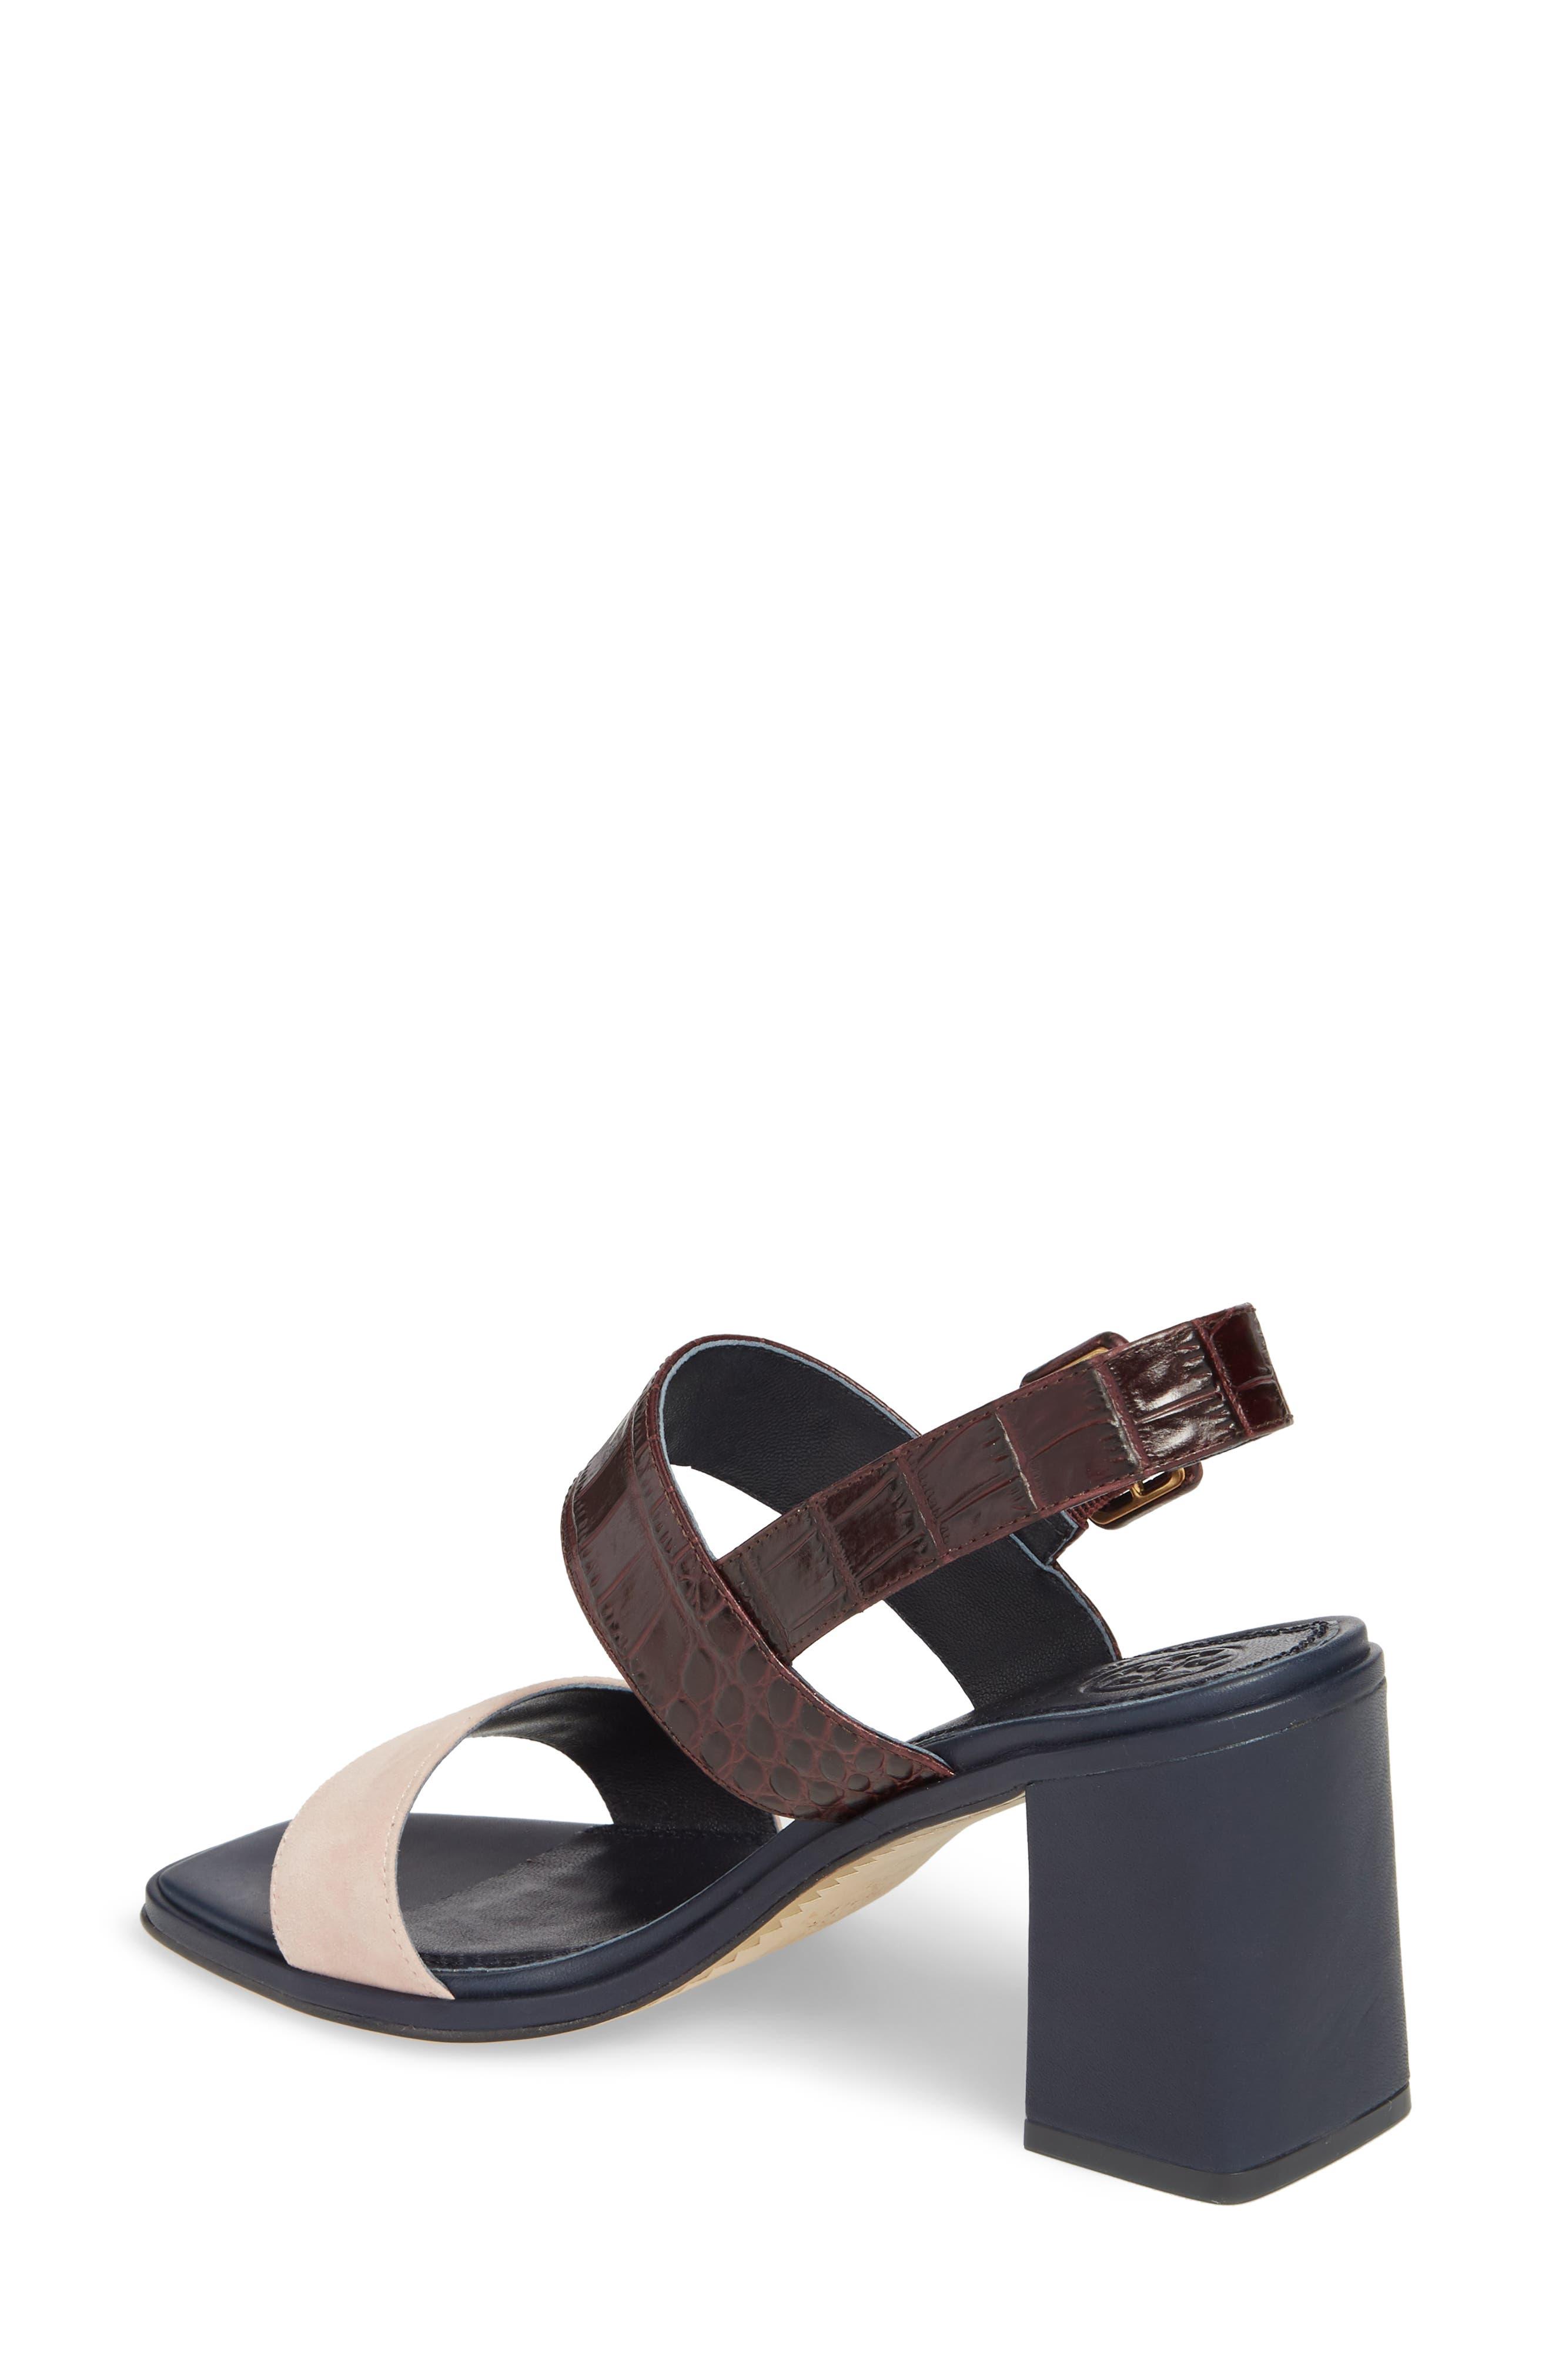 Delaney Double Strap Sandal,                             Alternate thumbnail 11, color,